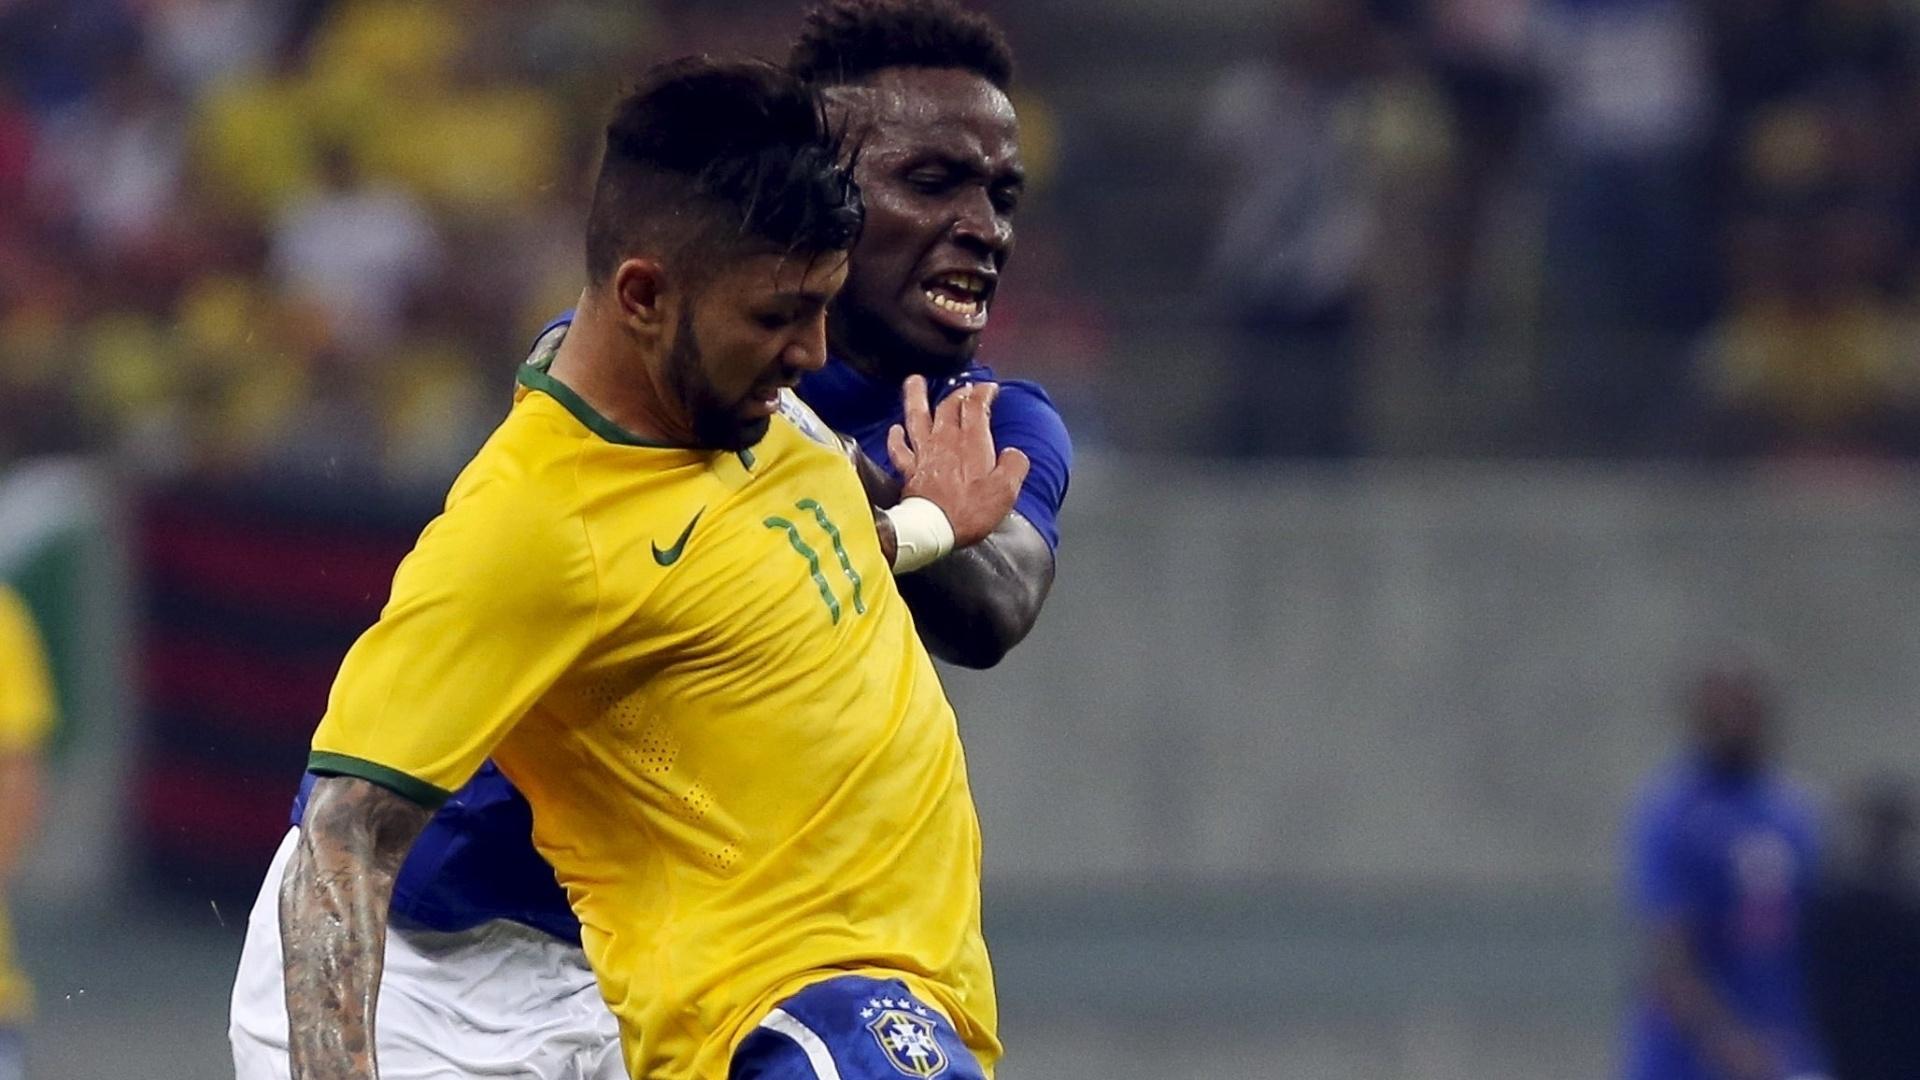 Gabriel Barbosa, o Gabigol, atacante do Santos, enfrenta Jean Andrew, do Haiti. No jogo, o jovem do clube da Vila anotou dois gols, um de pênalti